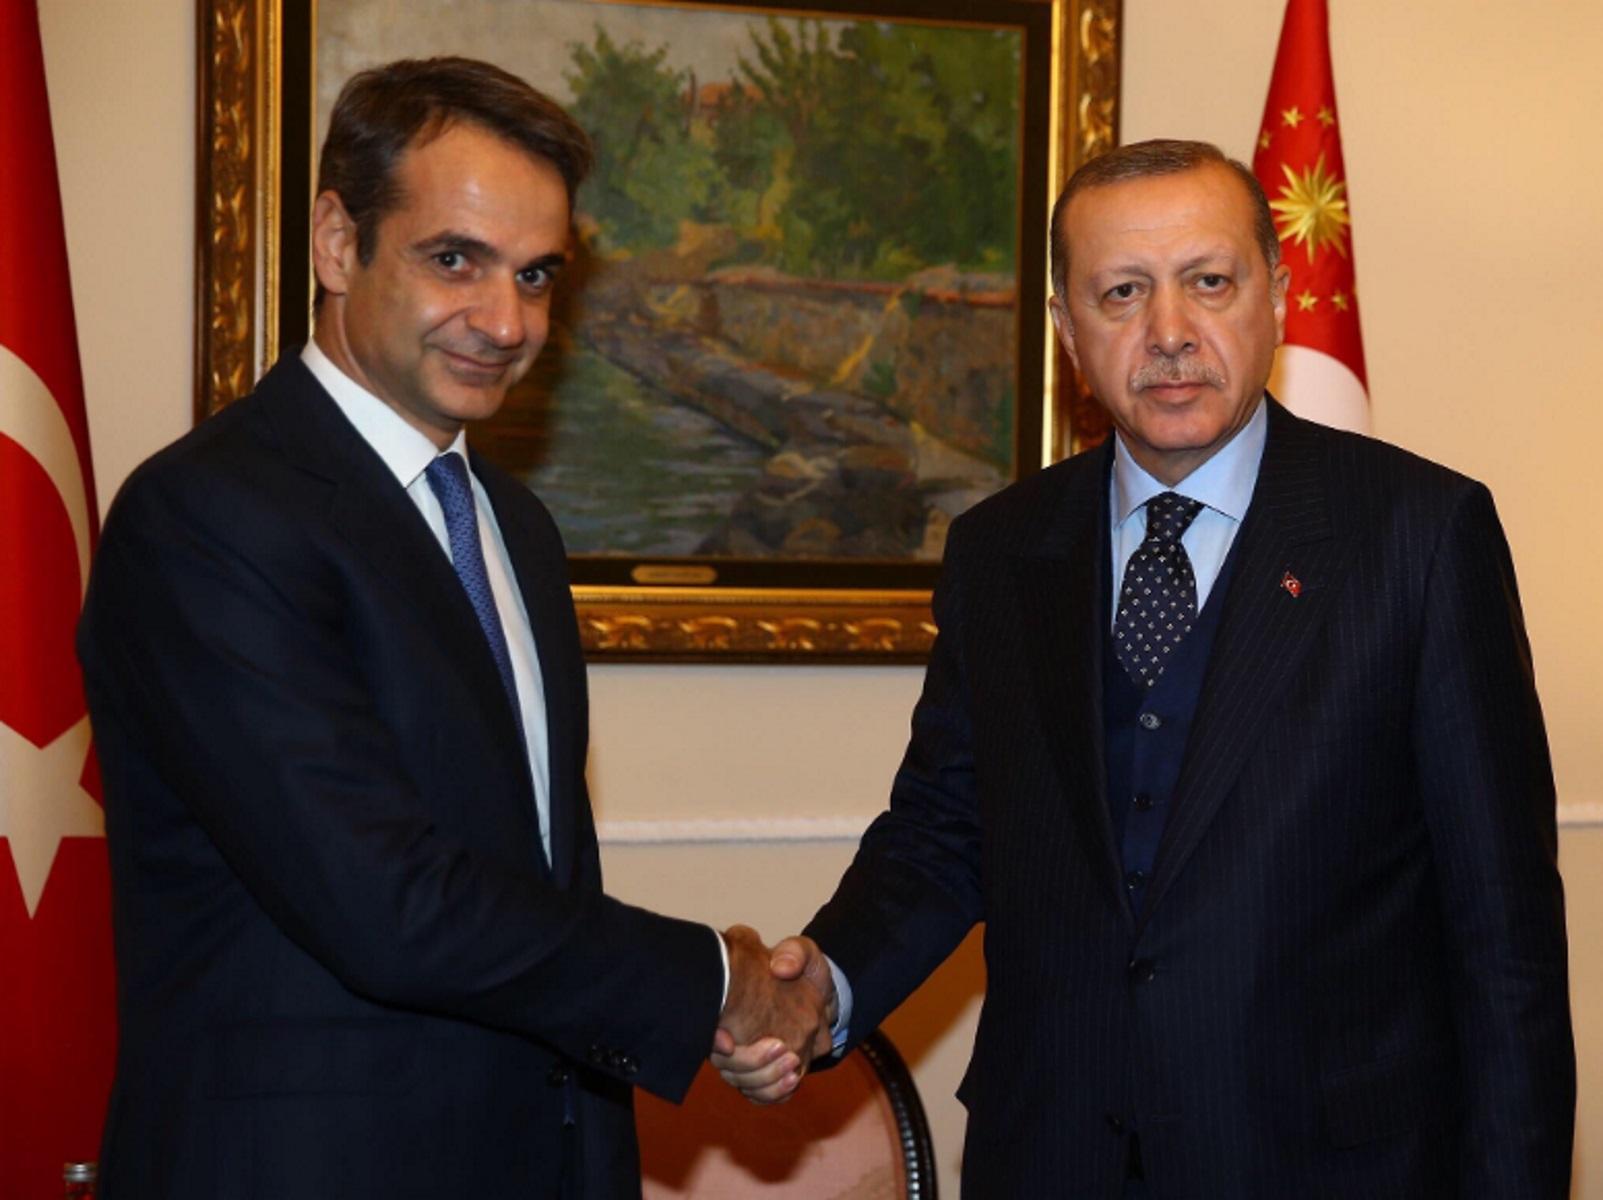 Εκλογές 2019: Συγχαρητήρια Ερντογάν σε Μητσοτάκη για τον θρίαμβο